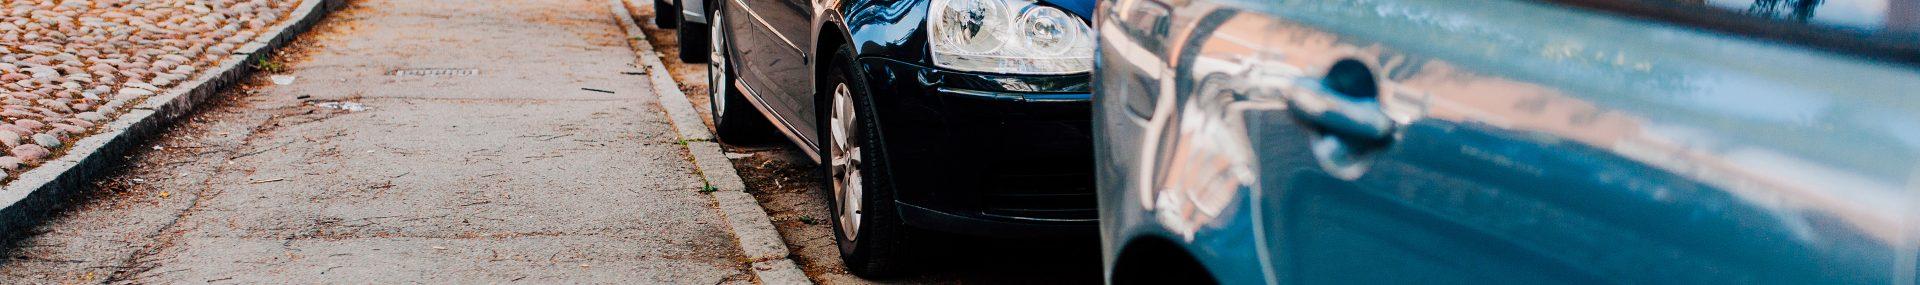 Två parkerade bilar längs med trottoarkanten